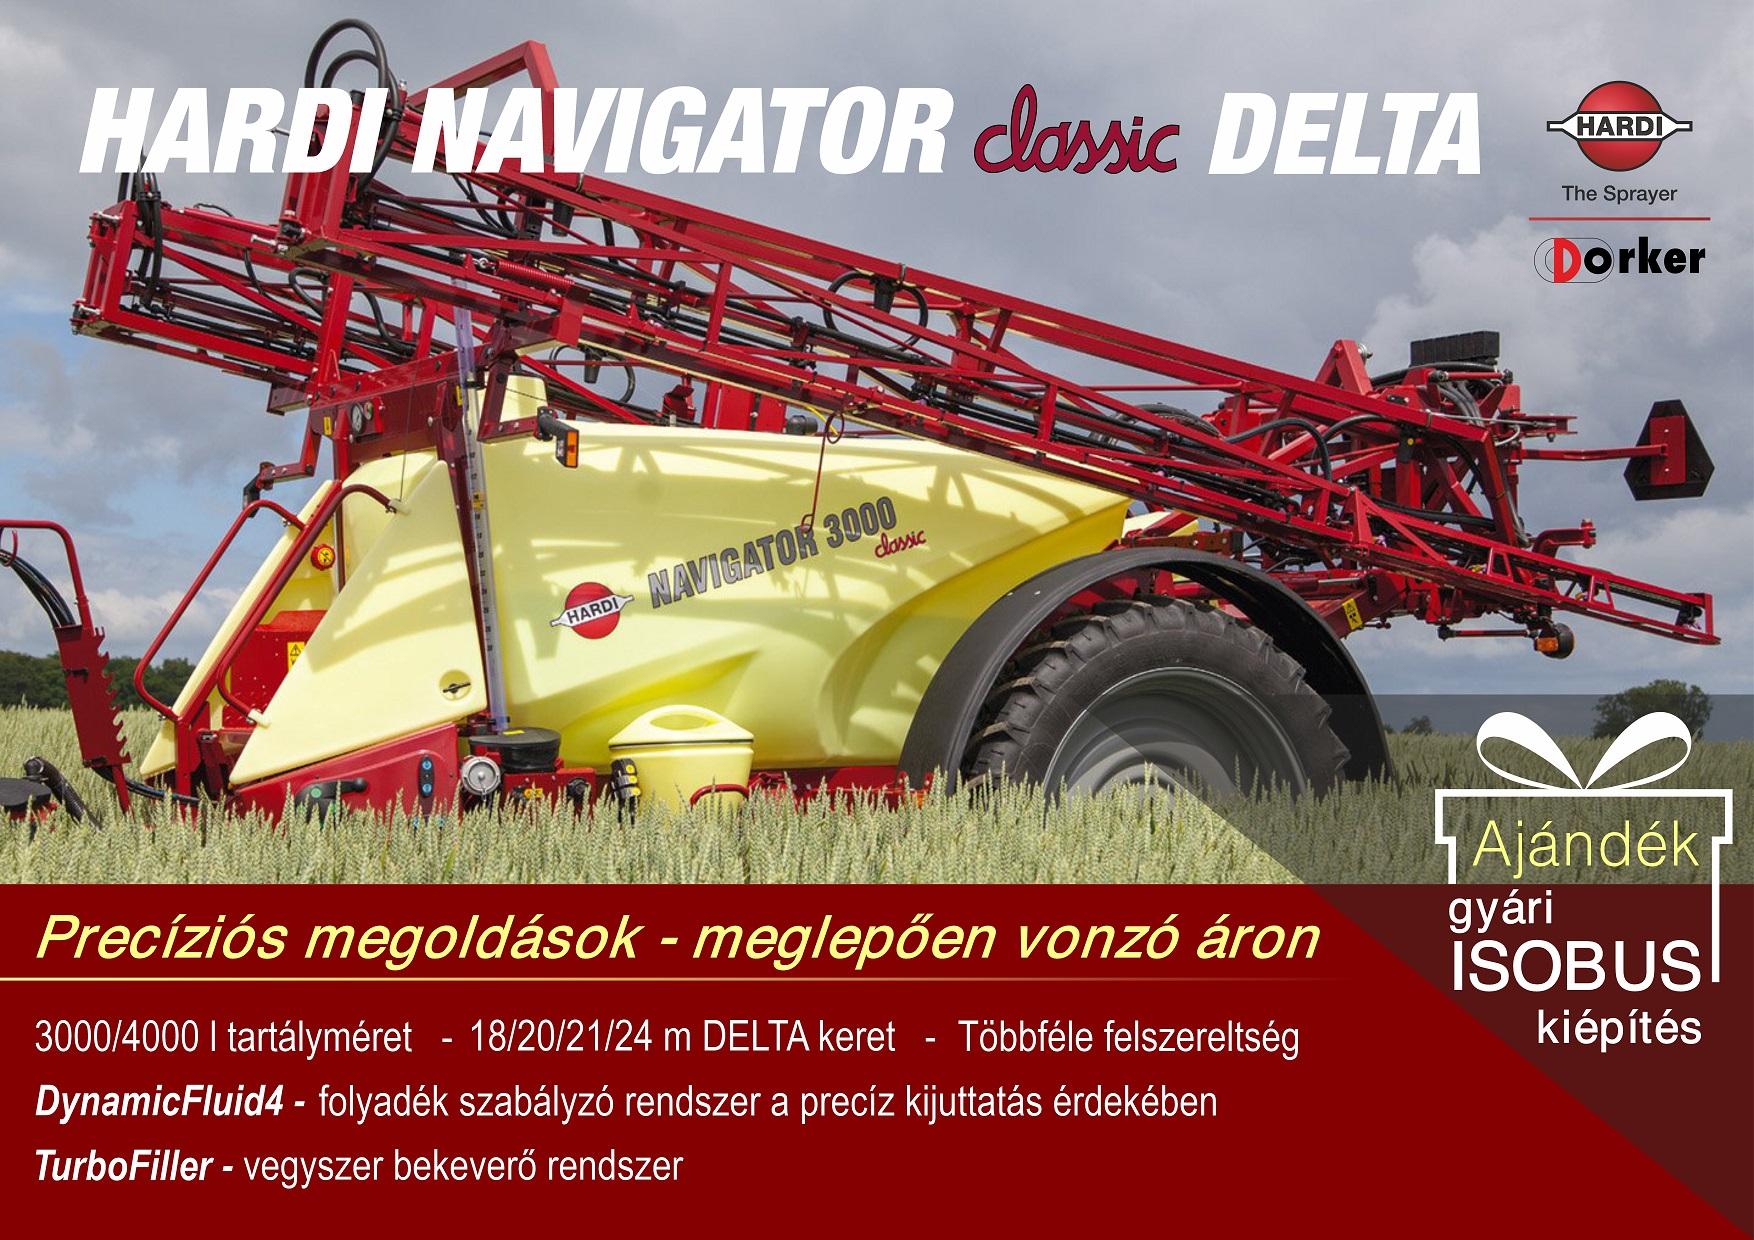 Hardi navigator delta classic.jpg